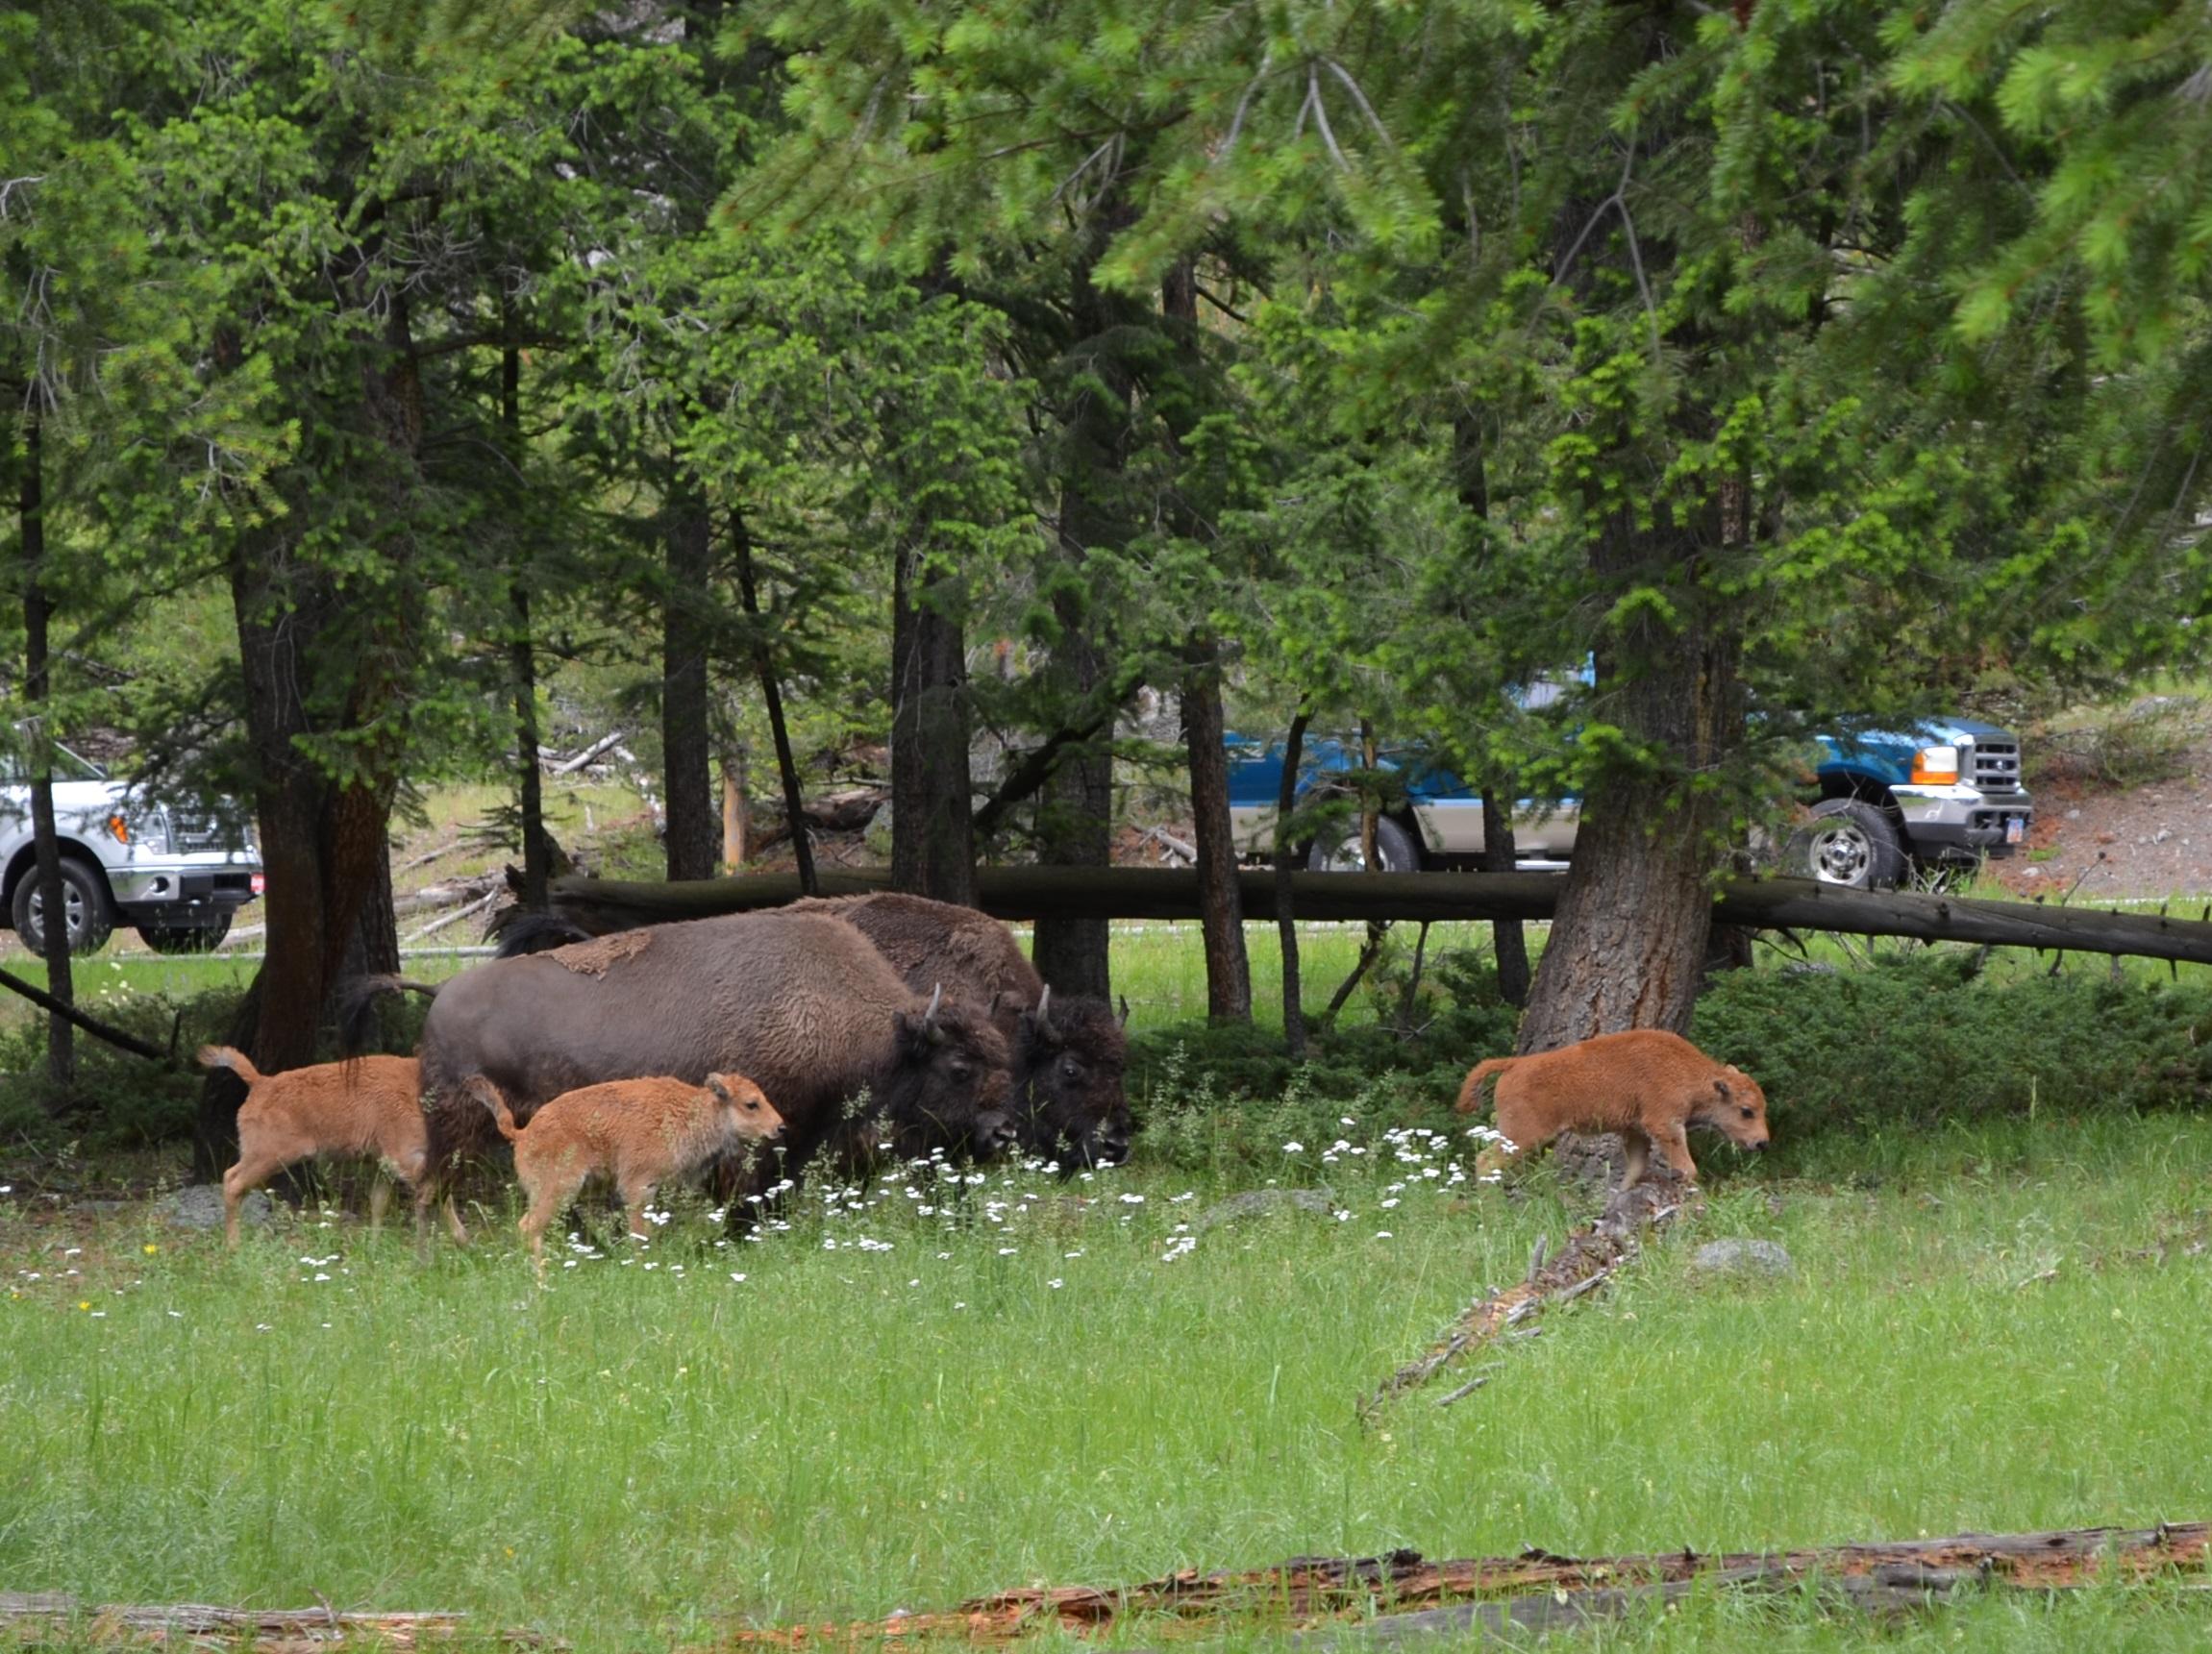 Bison family walking